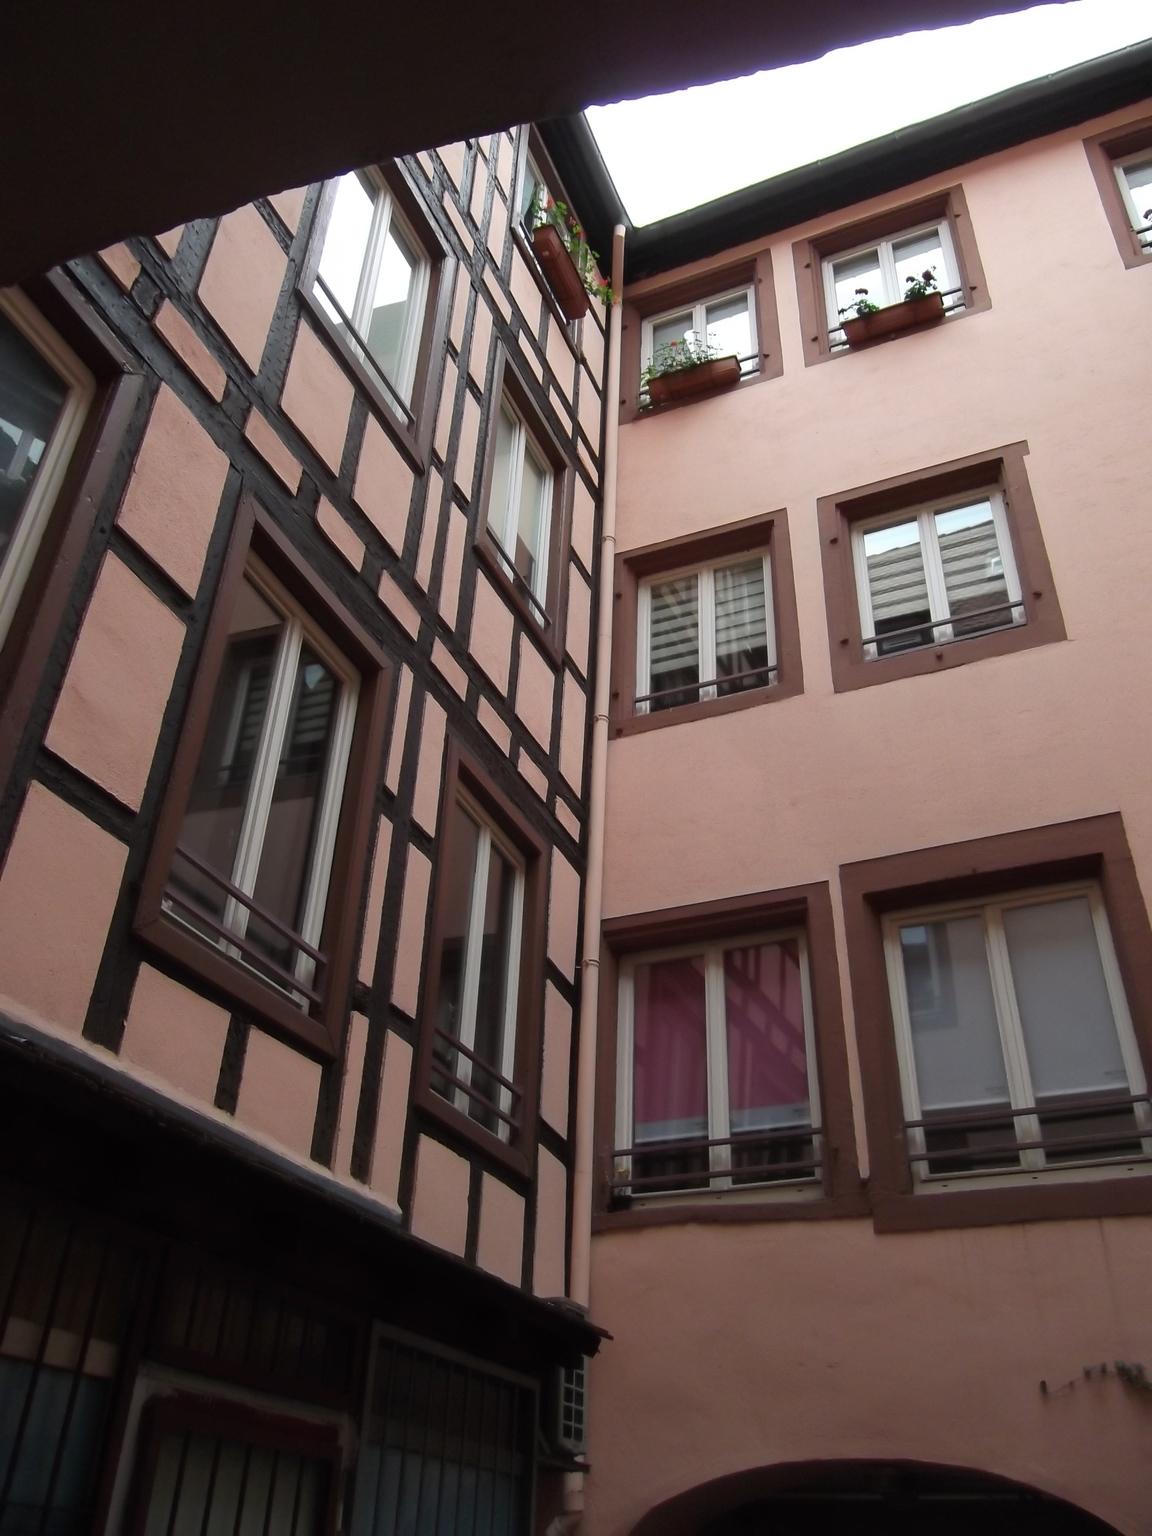 Maisons De Strasbourg 4 Rue De La Lanterne